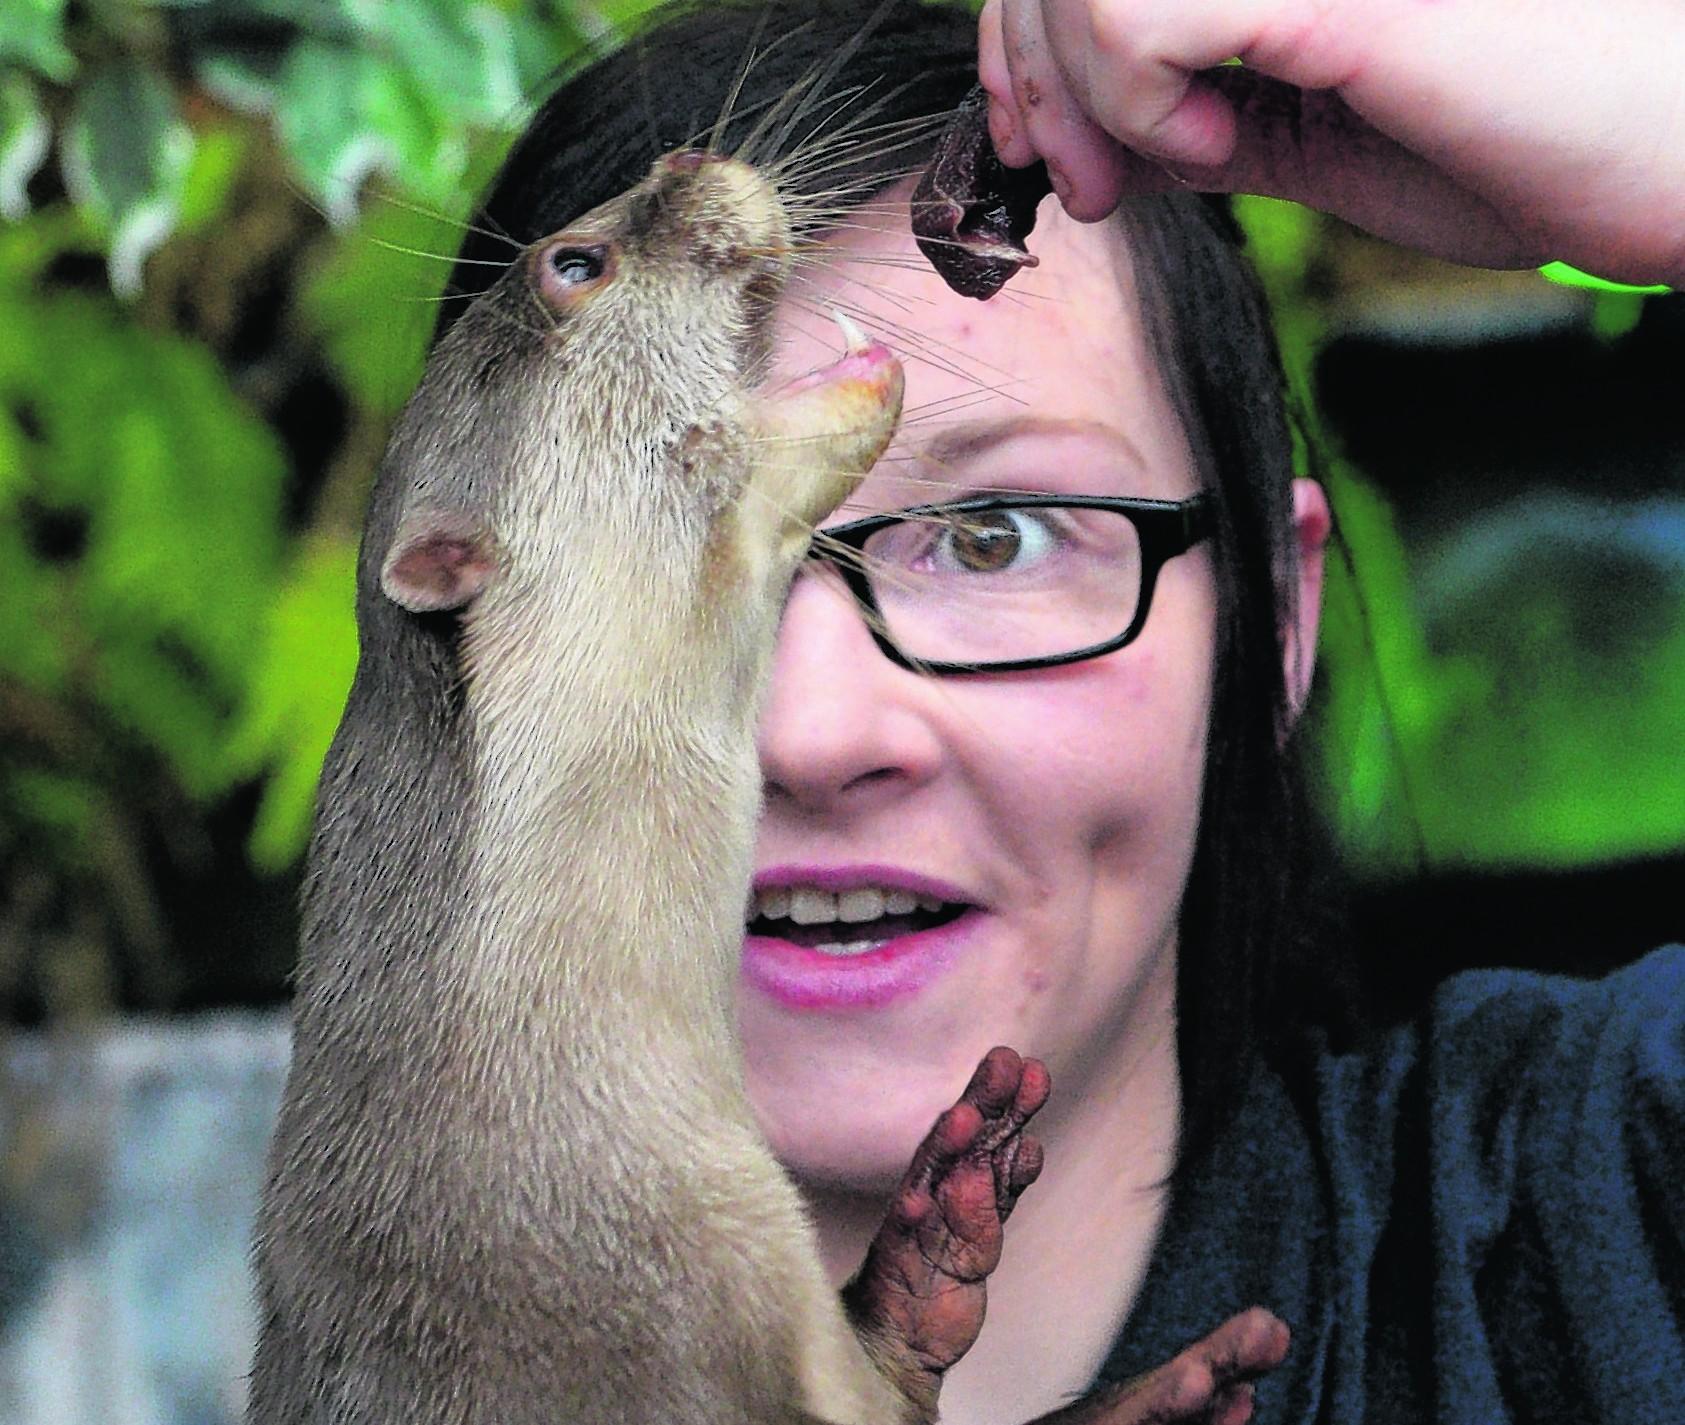 Robyn Hunter feeding one of the otters at Loch Lomond Sea Life Aquarium